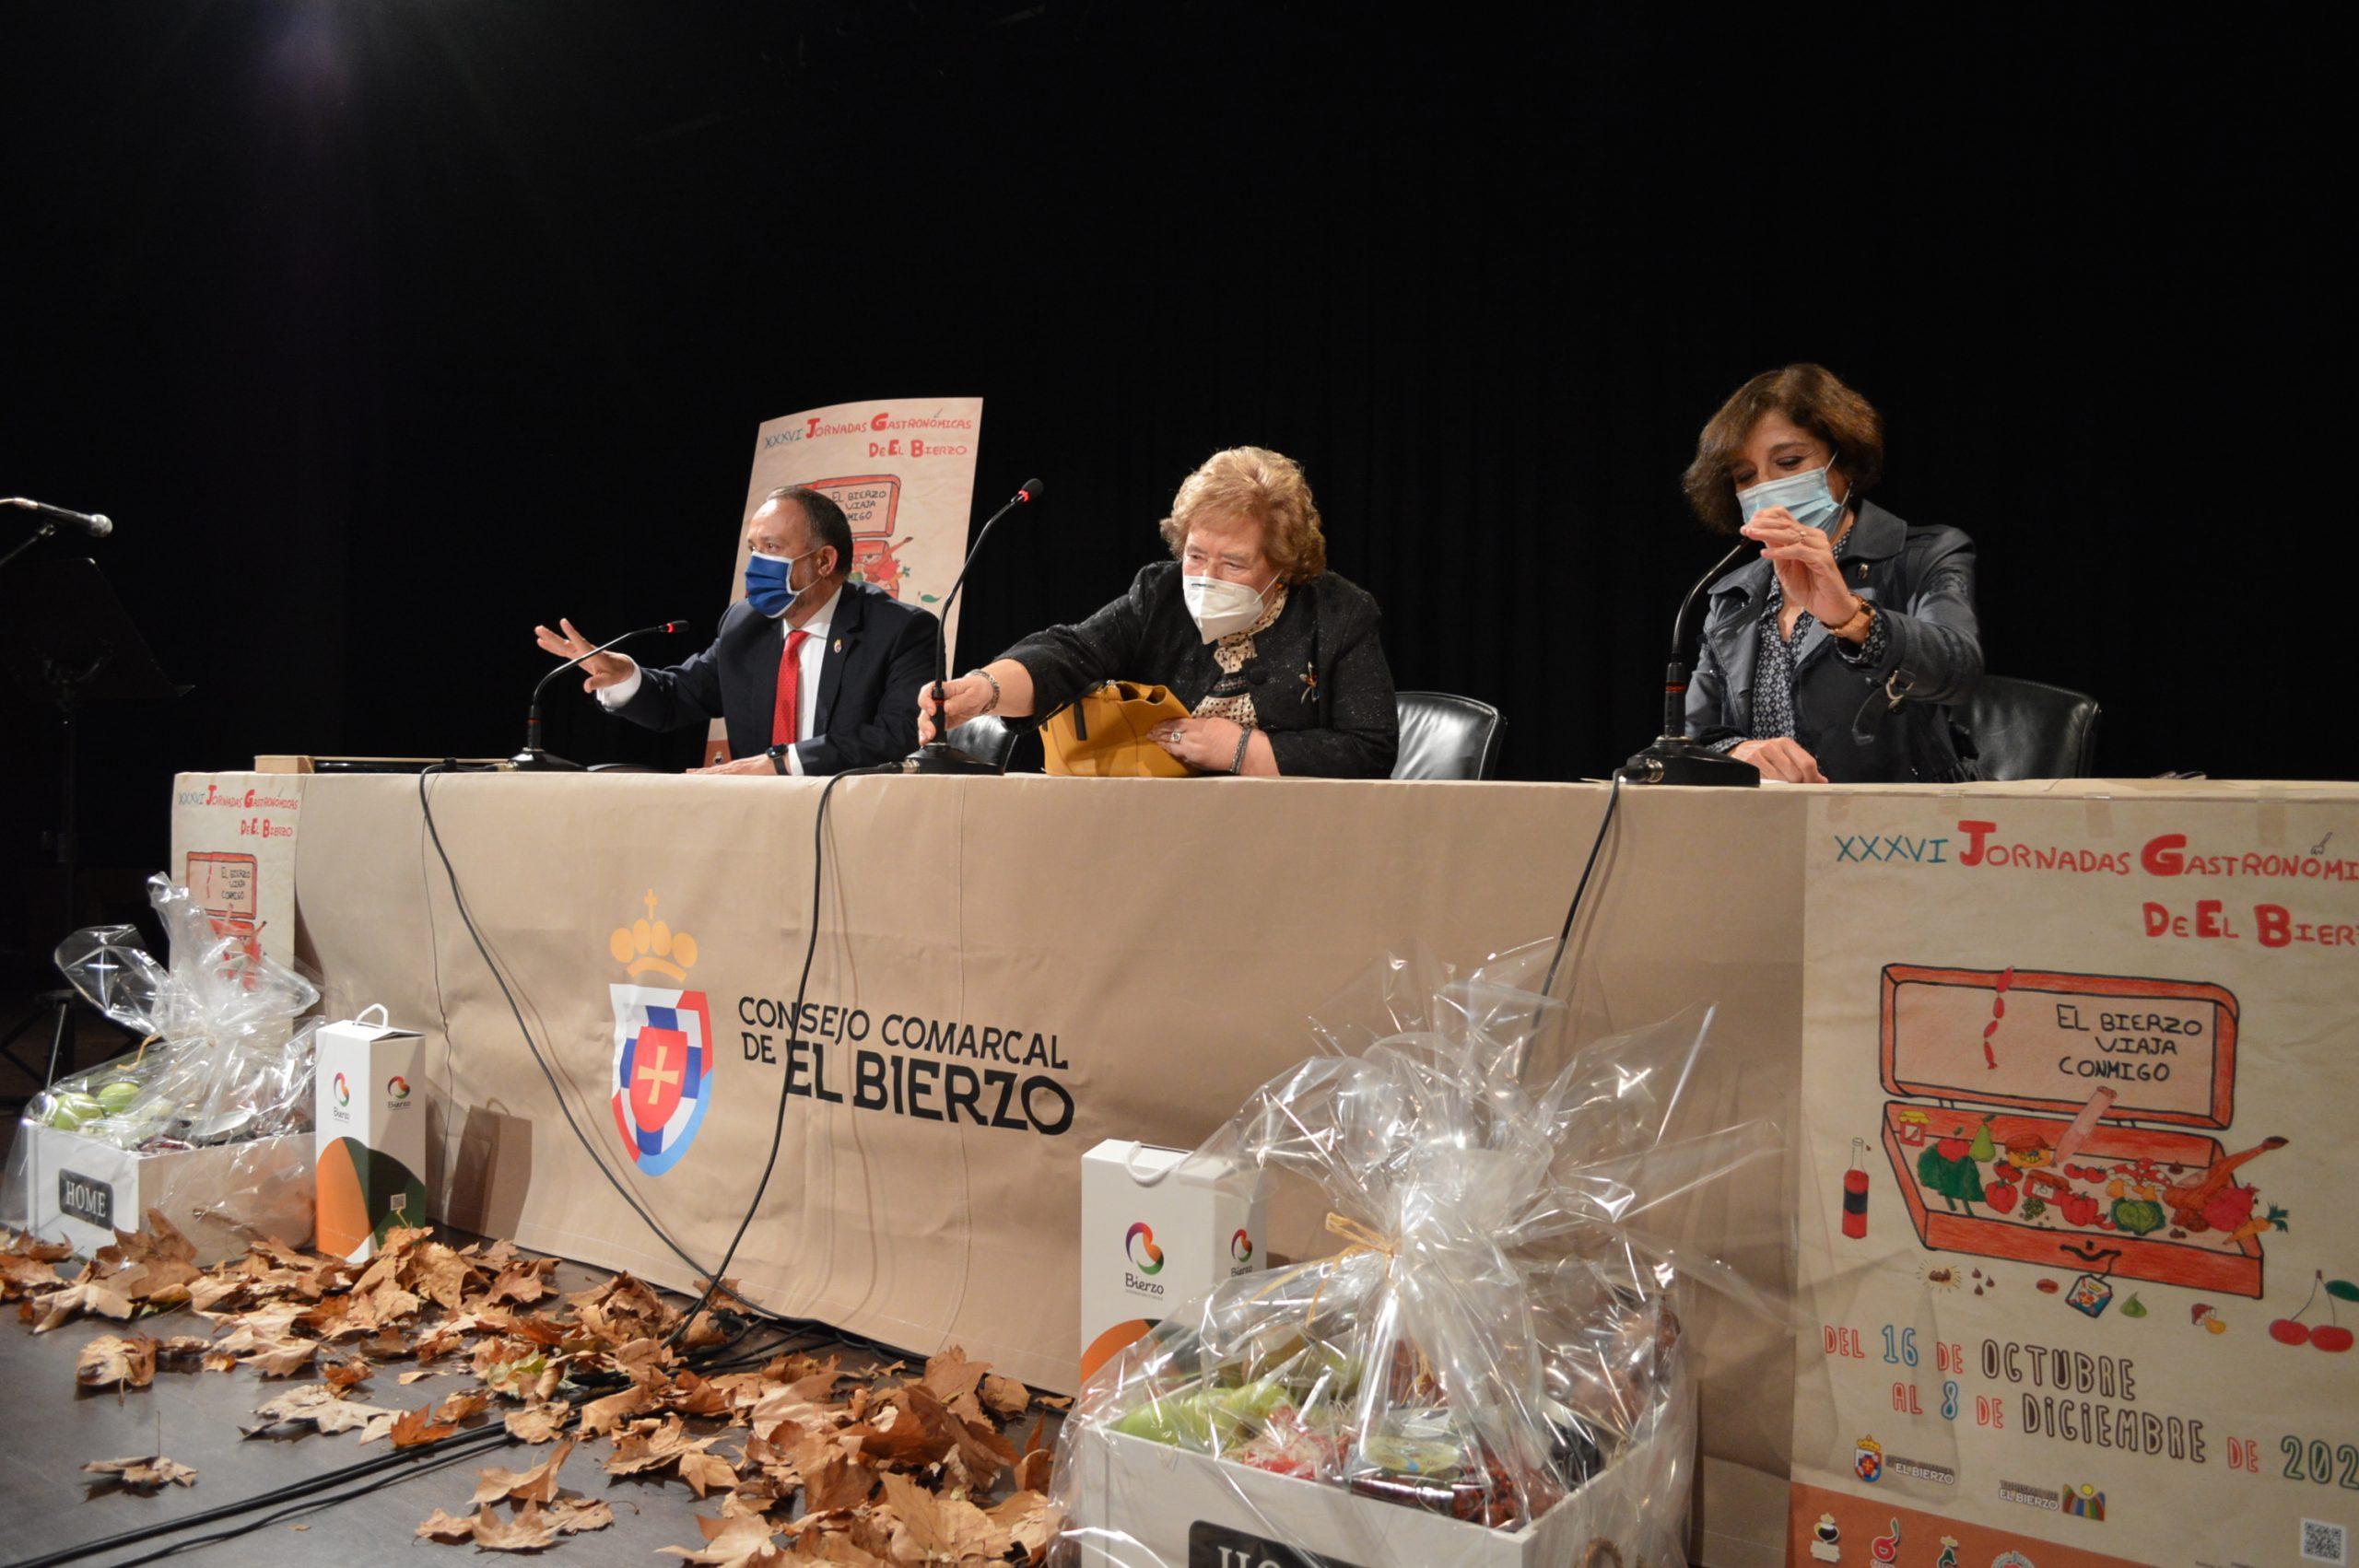 Arrancan las Jornadas Gastronómicas de El Bierzo con el pregón de su mantenedora Yolanda Ordás 5